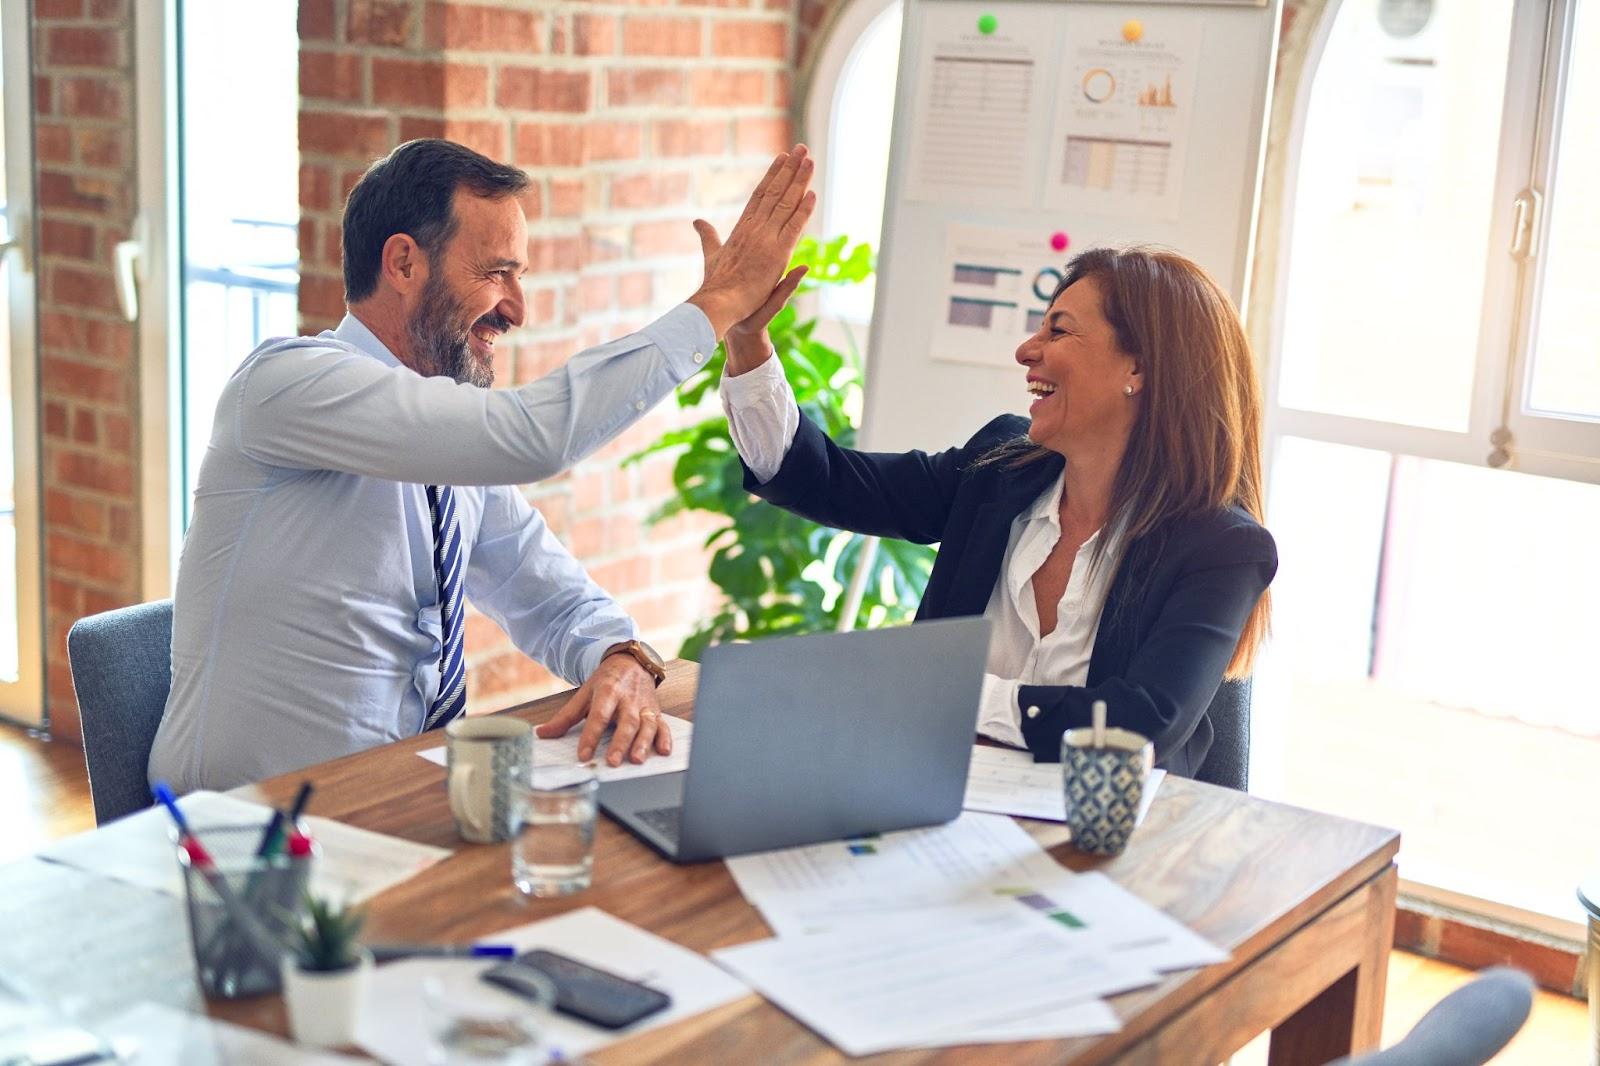 qual o melhor software de gestão empresarial para pequenas empresas